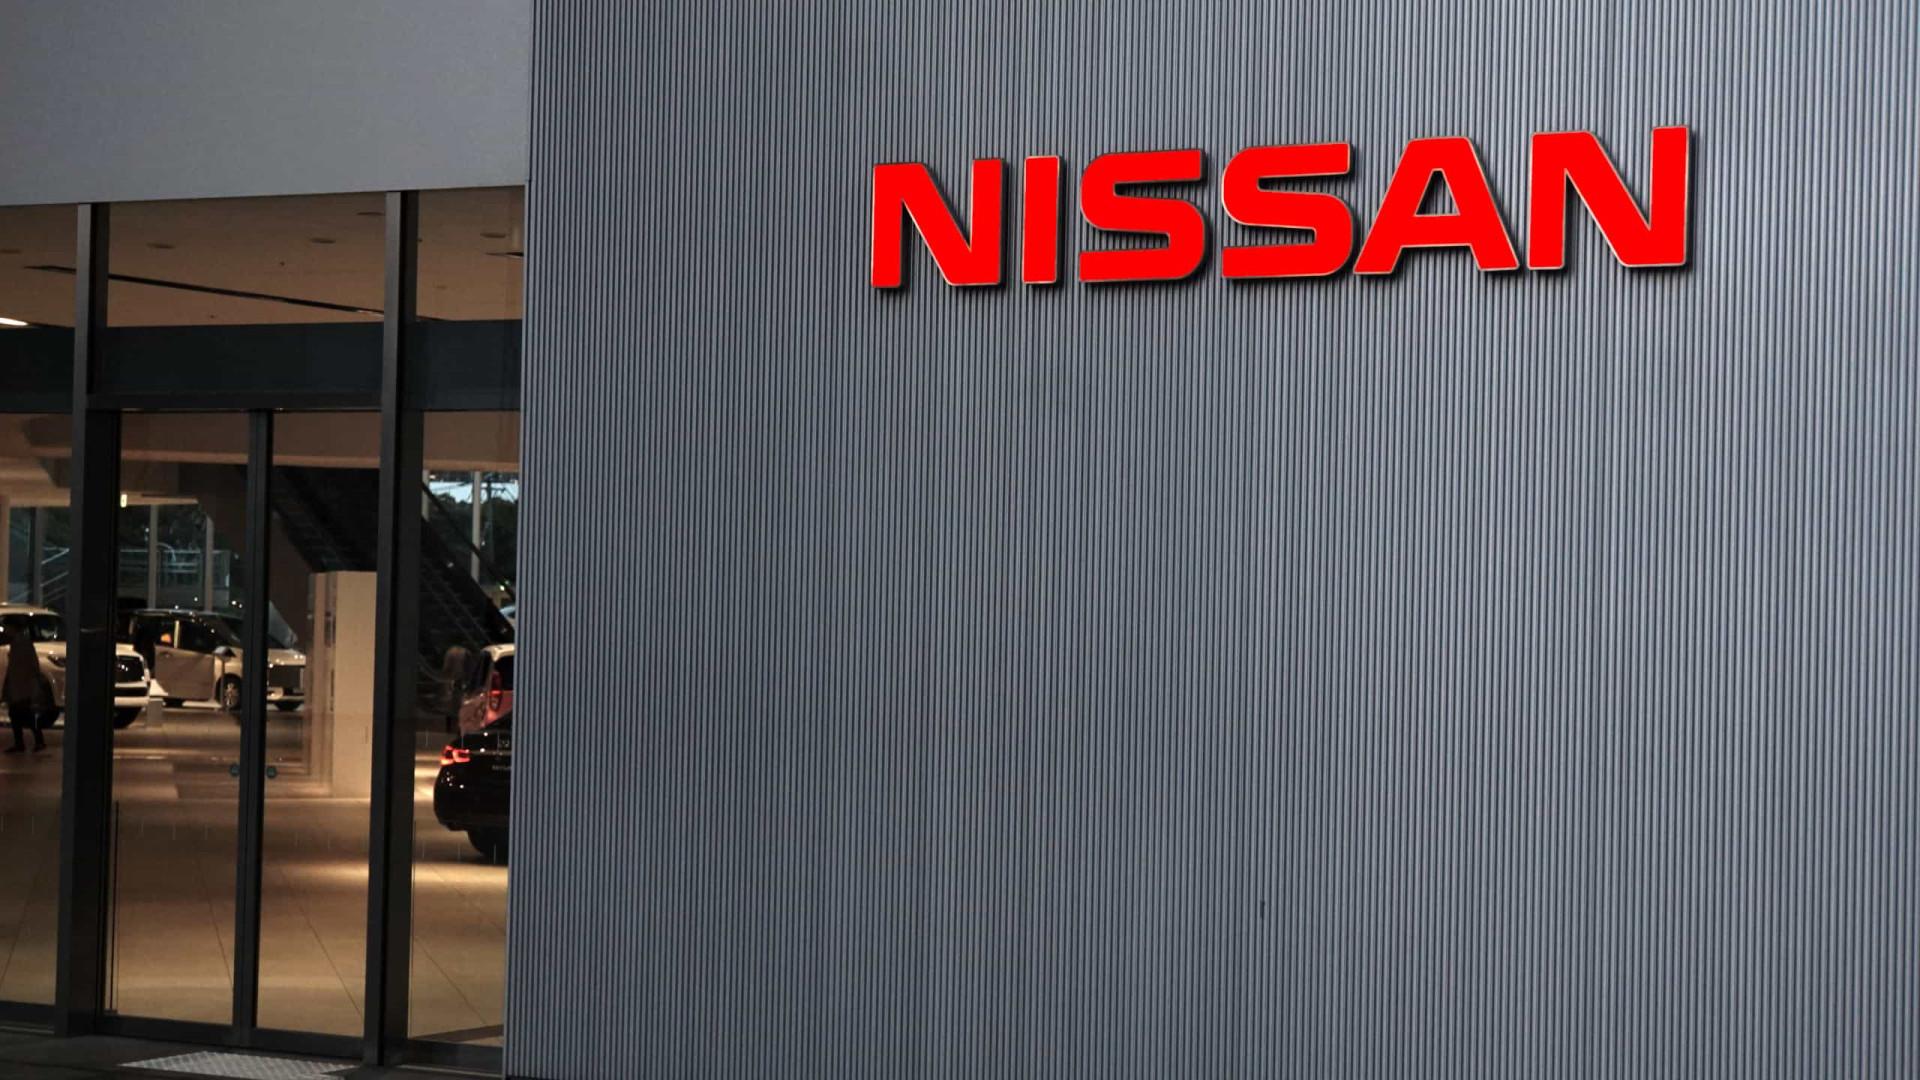 Crise faz Nissan oferecer carro com 1º pagamento daqui a um ano